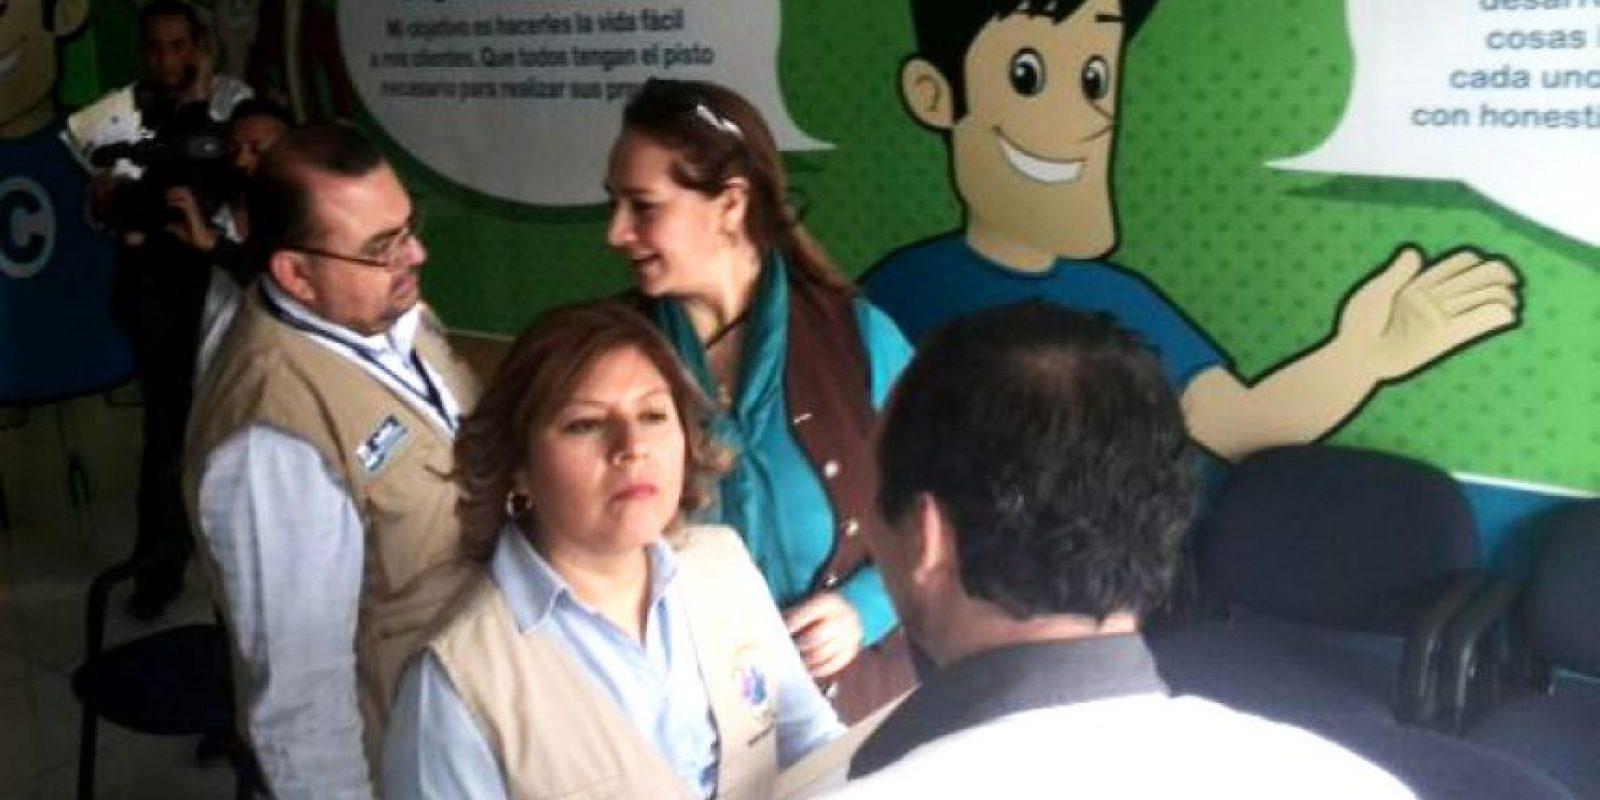 La jefa de la Diaco informó que luego de varias denuncias realizaron la inspección. Foto:Diaco